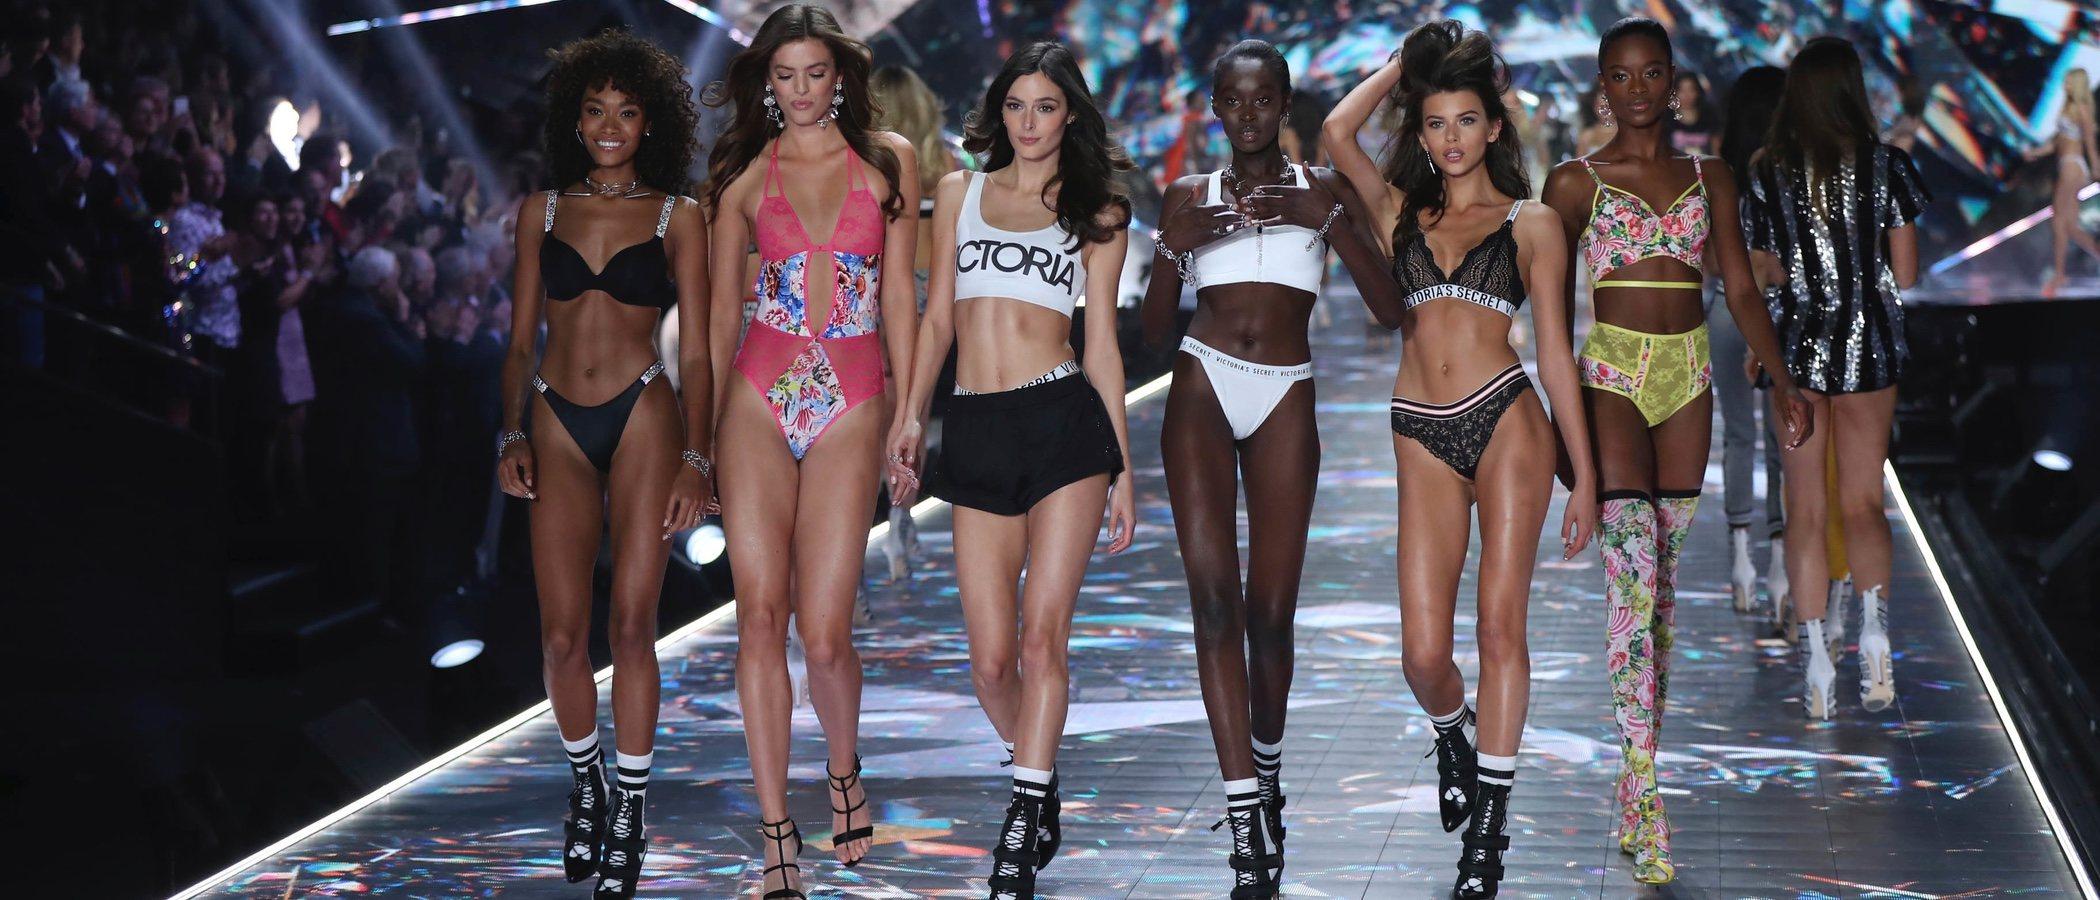 Shanina Shaik confirma que no habrá Victoria's Secret Fashion Show 2019